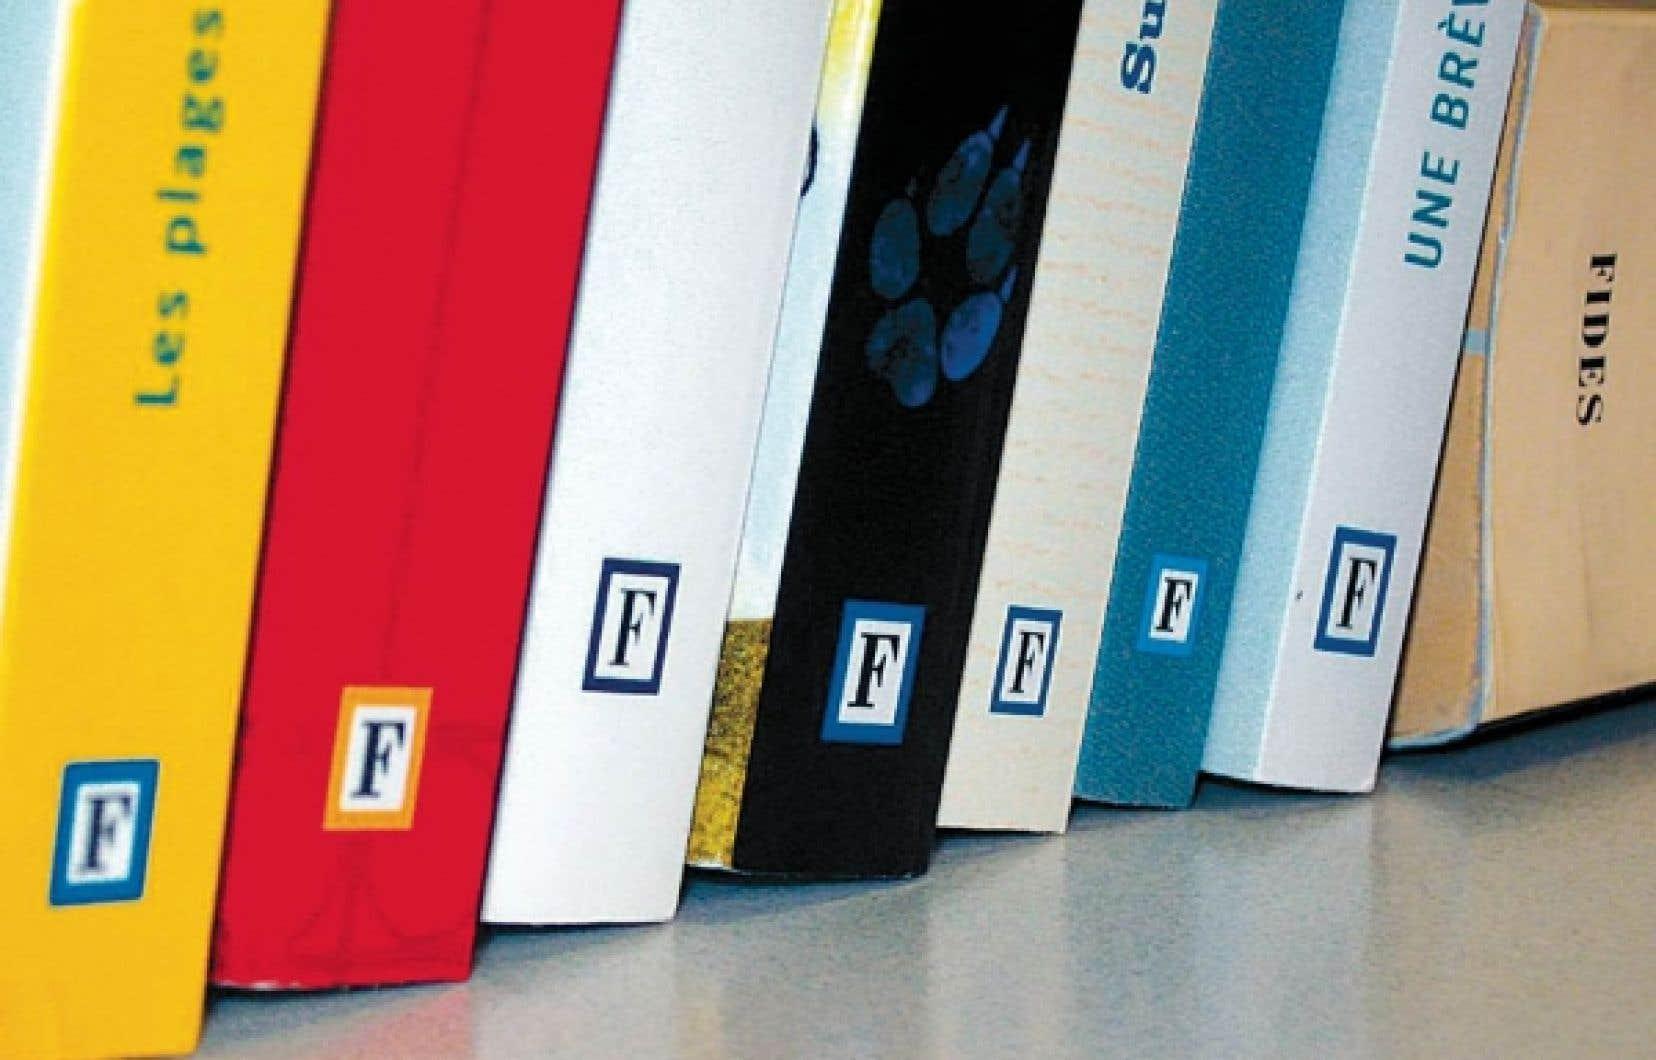 Stéphane Lavoie compte beaucoup sur les antennes dont bénéficie Coopsco dans le réseau scolaire pour à la fois favoriser la vente de titres anciens et susciter la parution de nouveaux ouvrages.